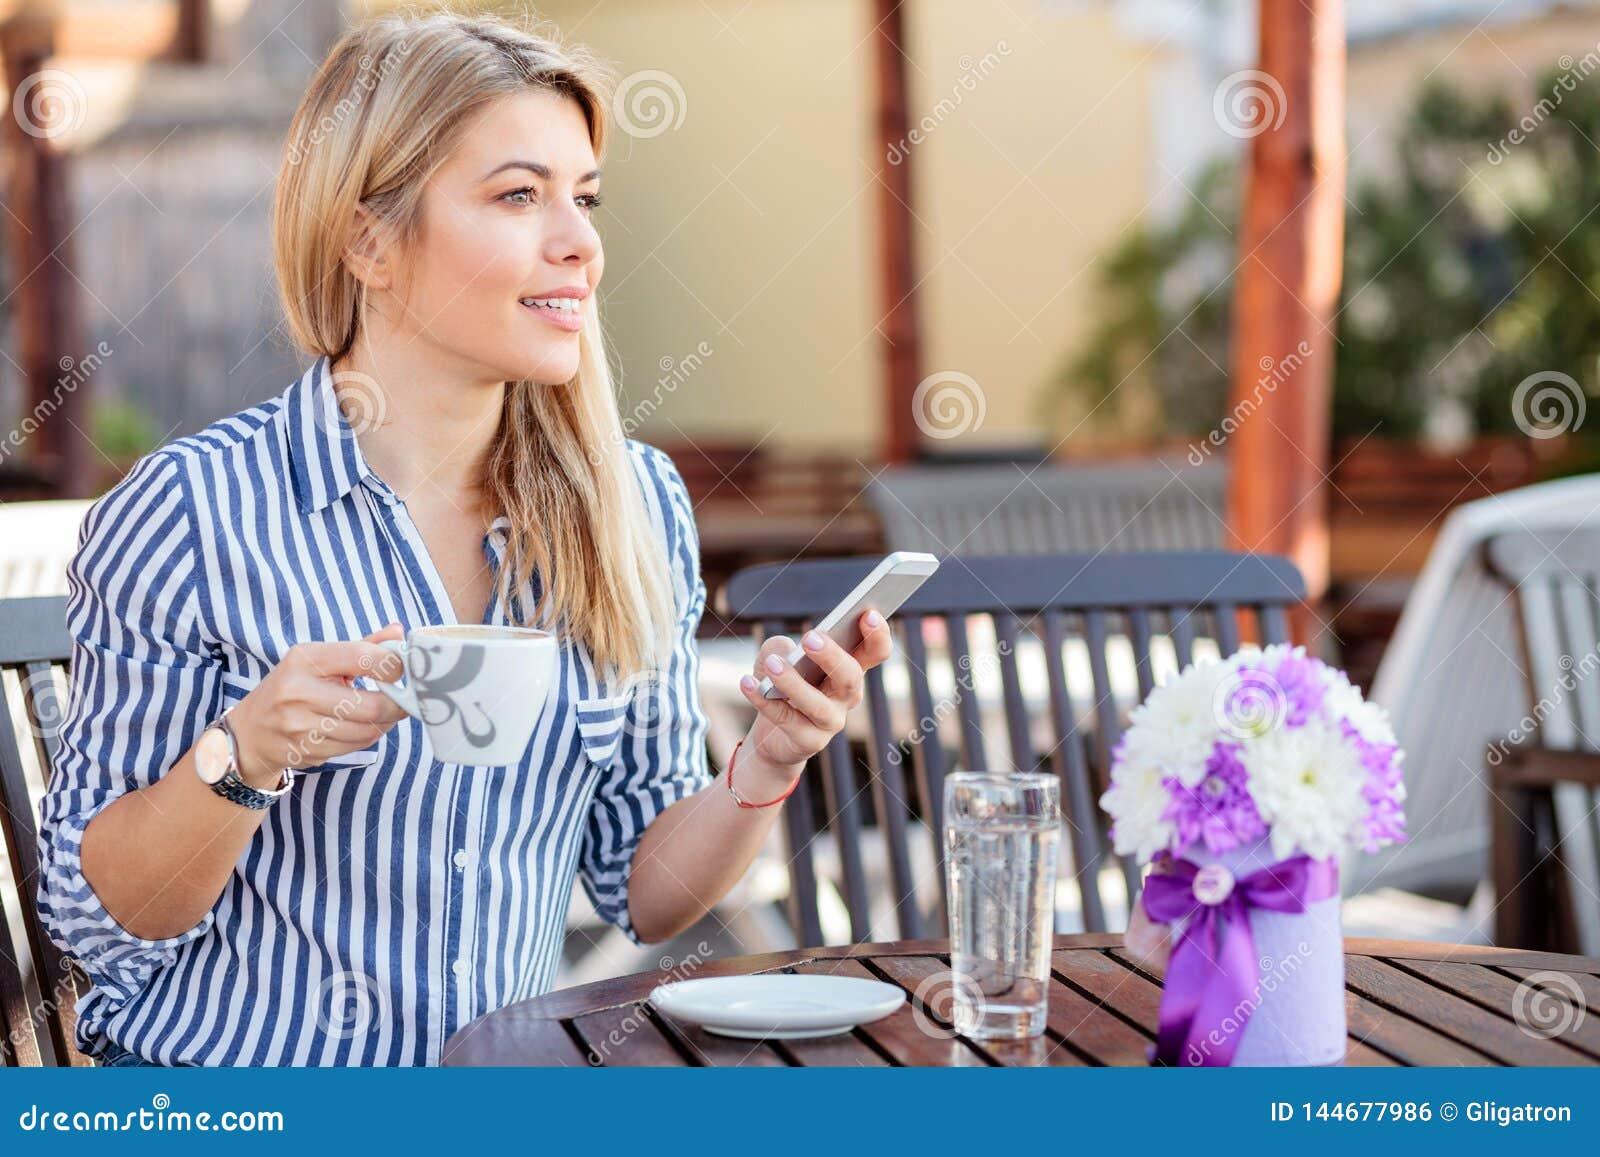 Όμορφη νέα γυναίκα χρησιμοποιώντας το έξυπνο τηλέφωνο και πίνοντας το